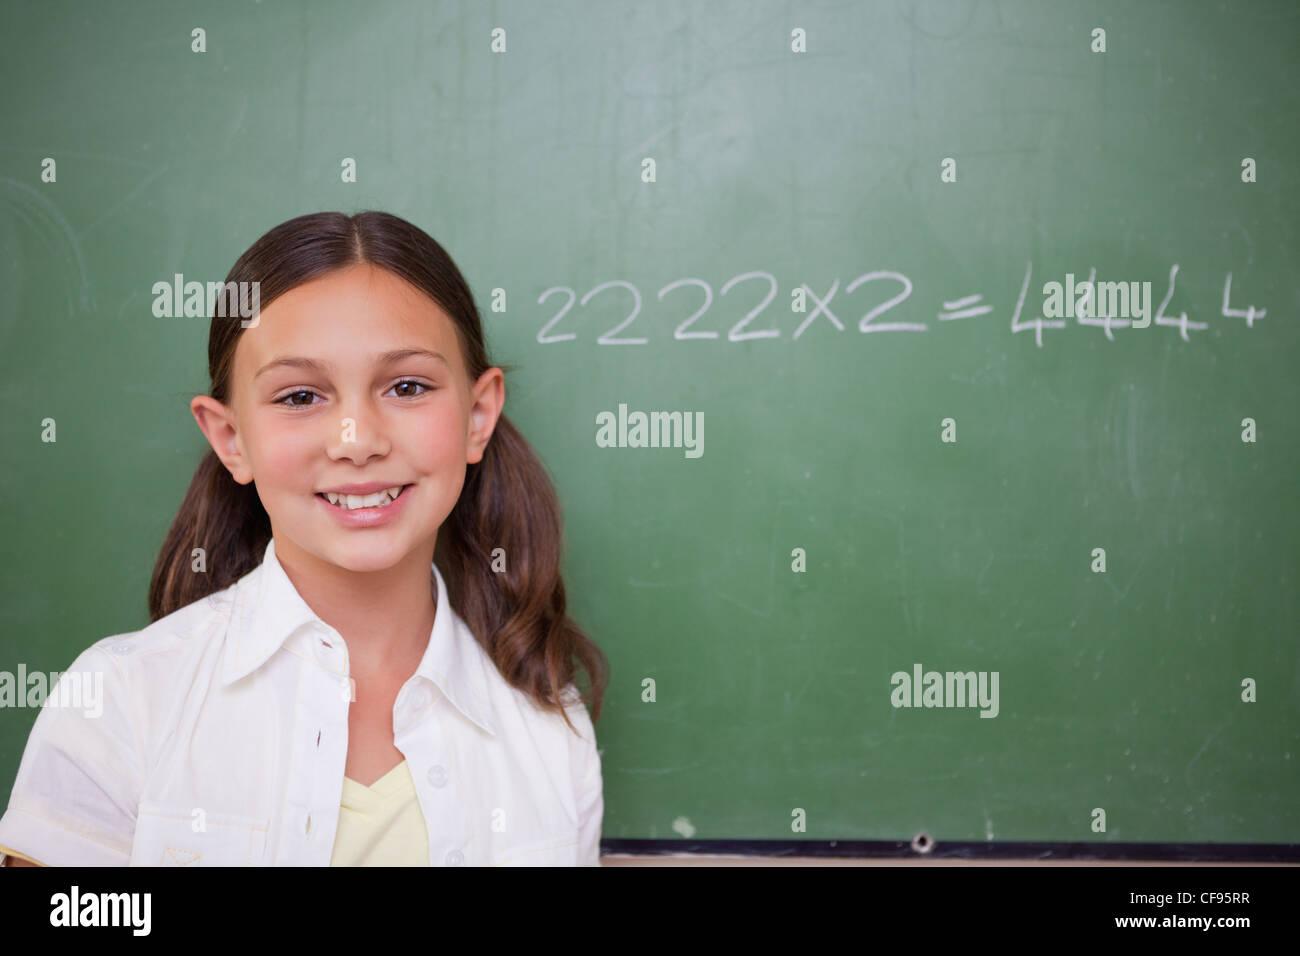 Schulmädchen posiert vor einer Tafel Stockbild